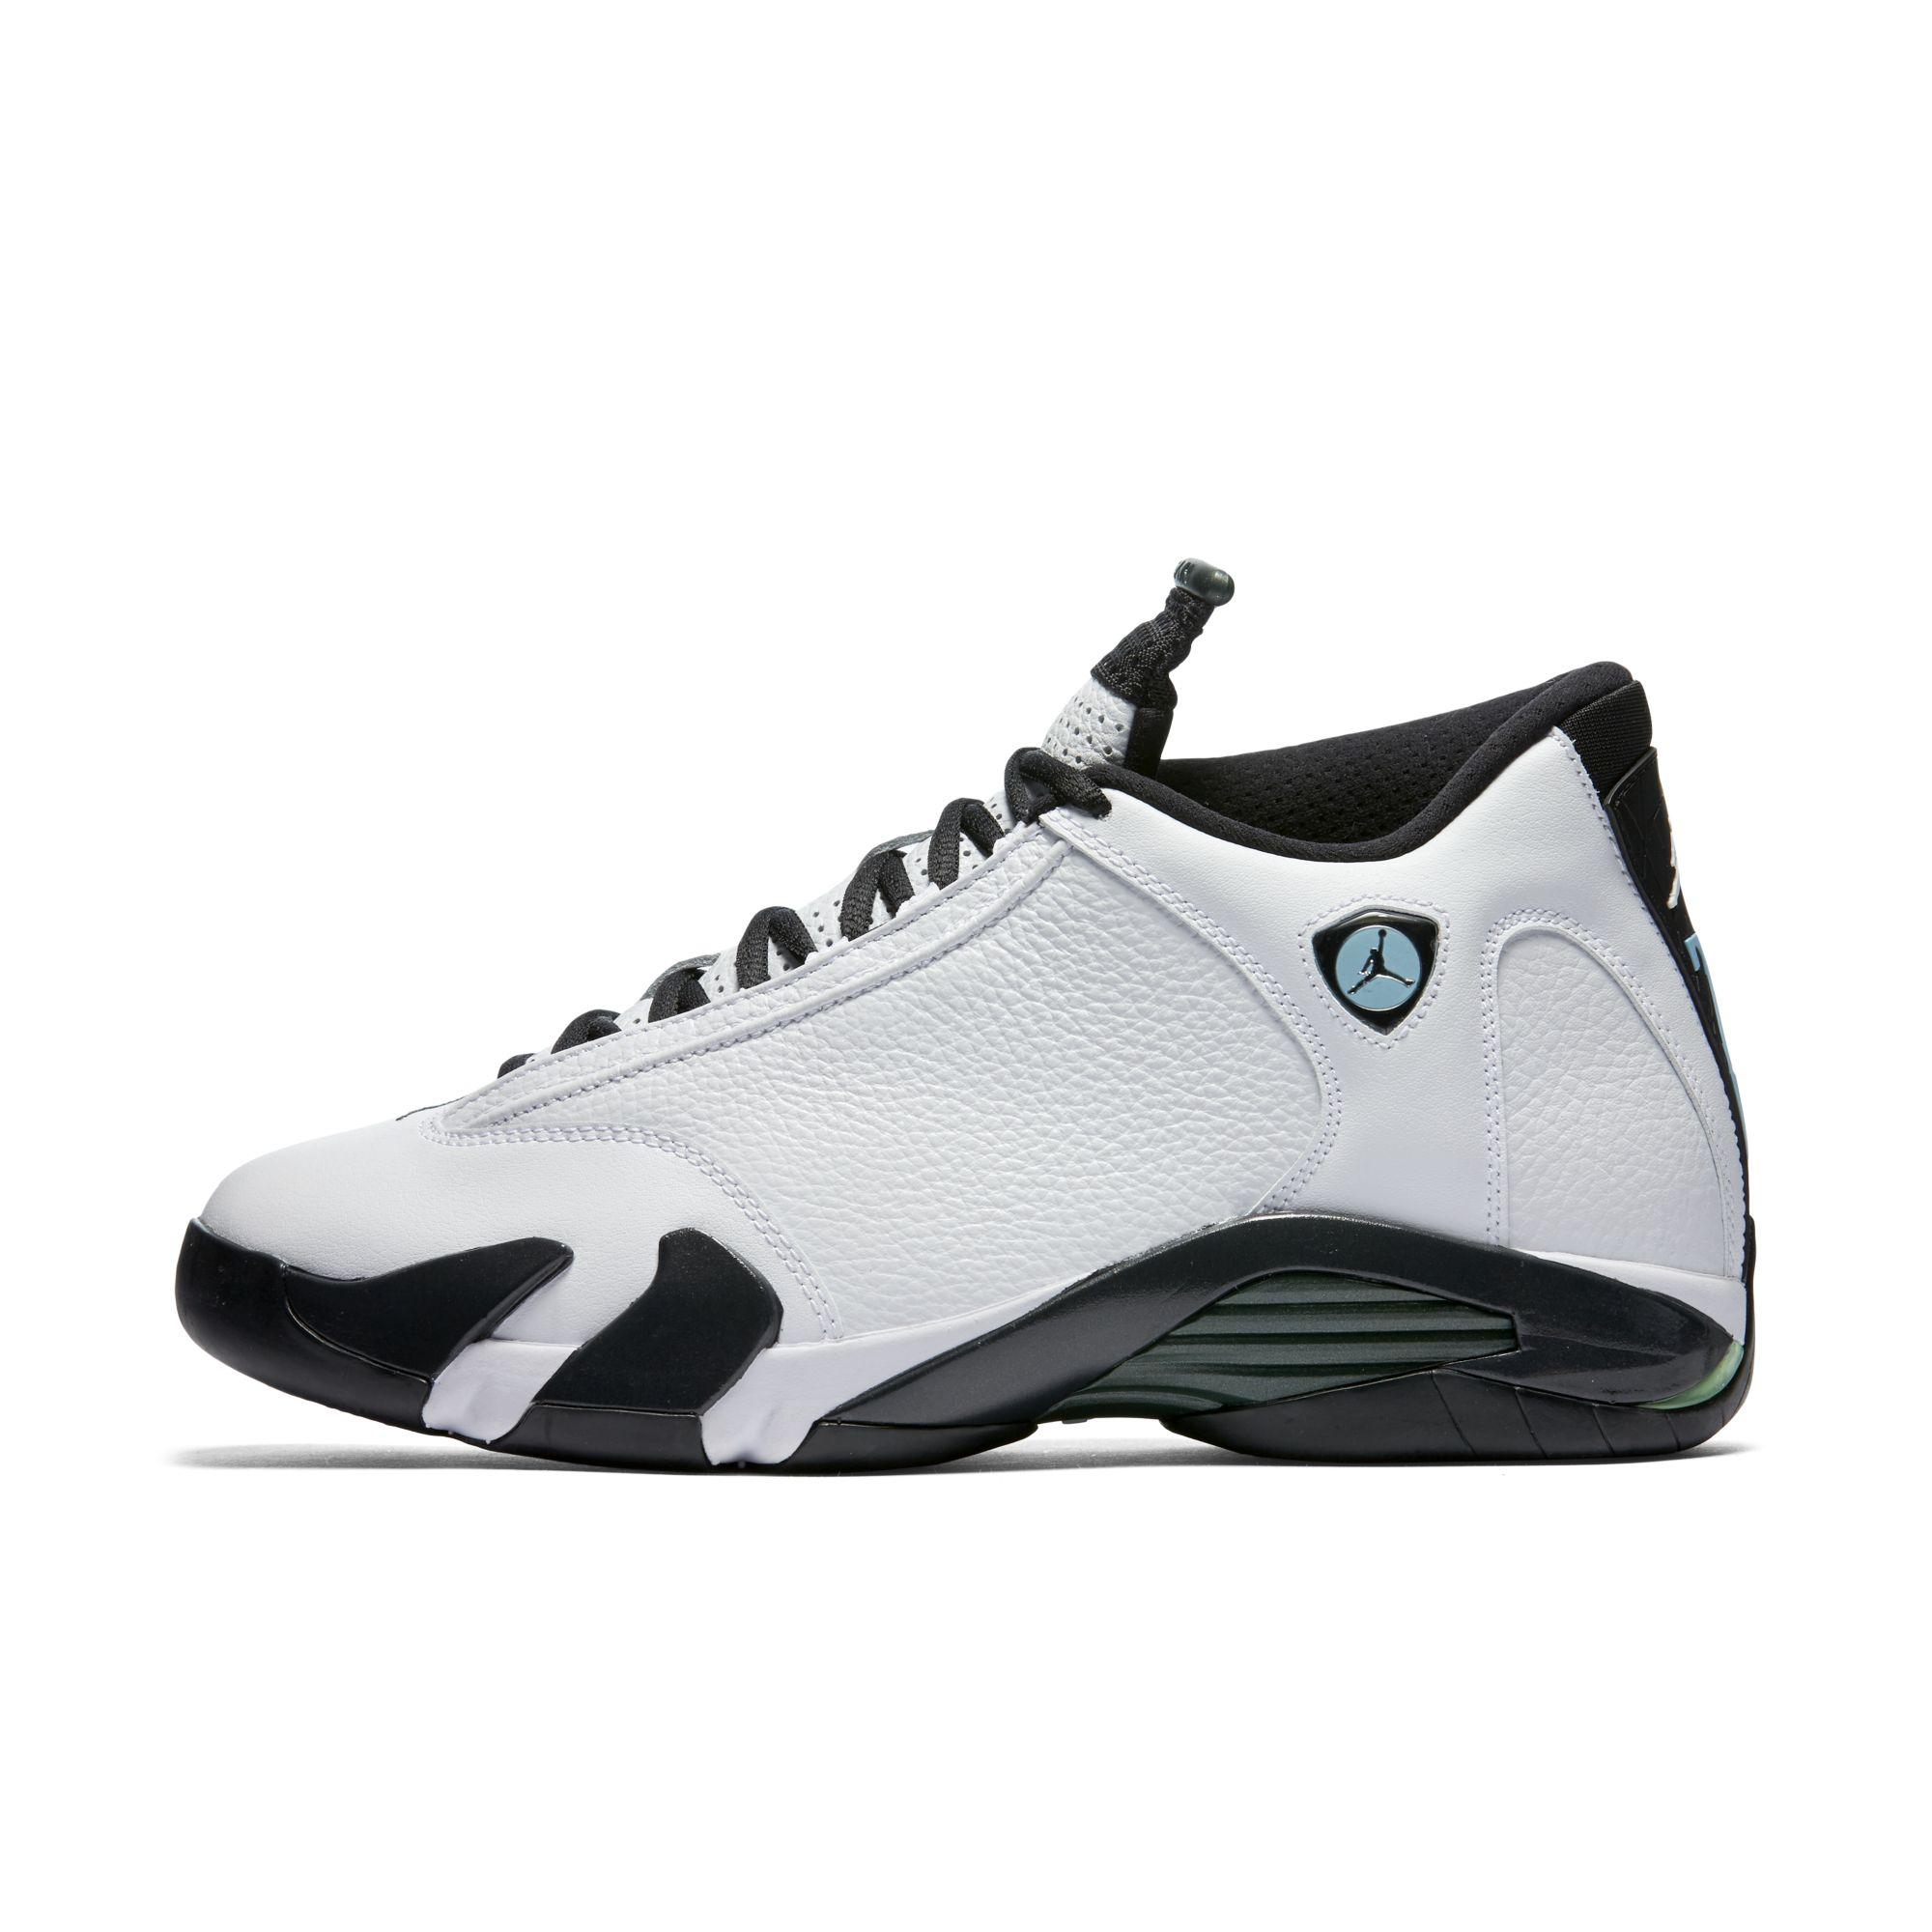 Official Look at the Air Jordan 14